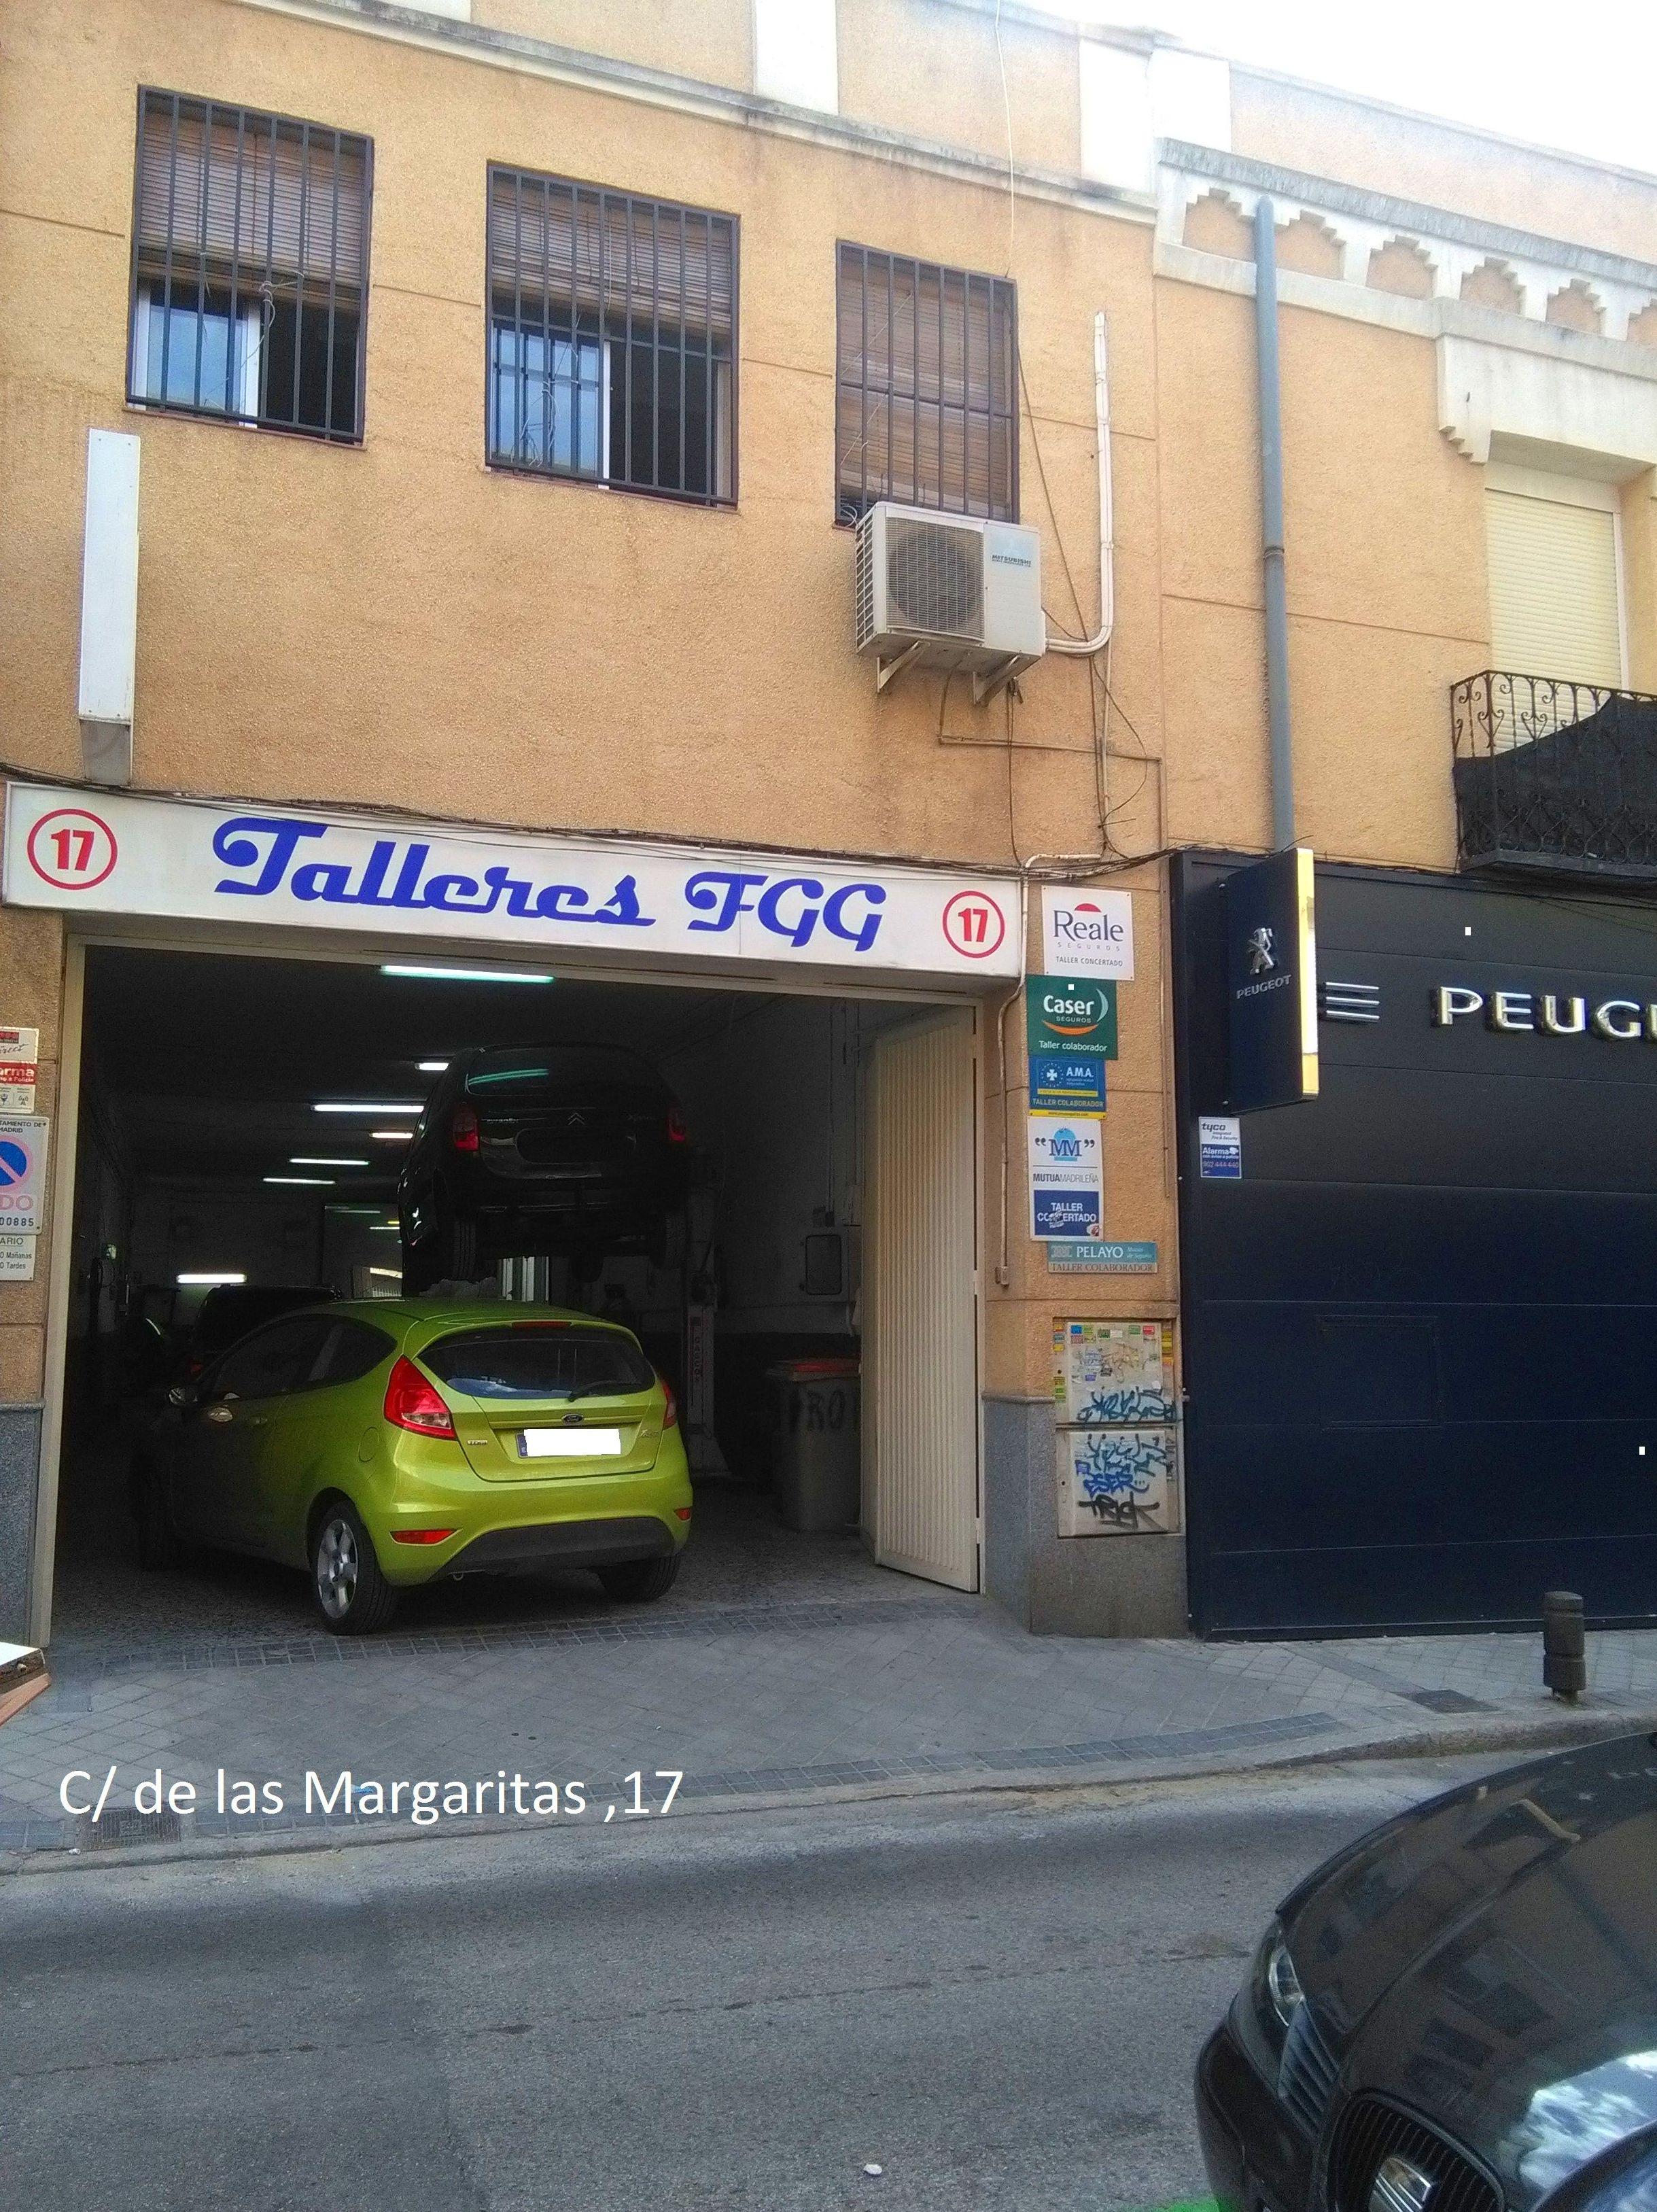 Foto 3 de Especialistas en mecánica rápida en Madrid | Talleres FGG